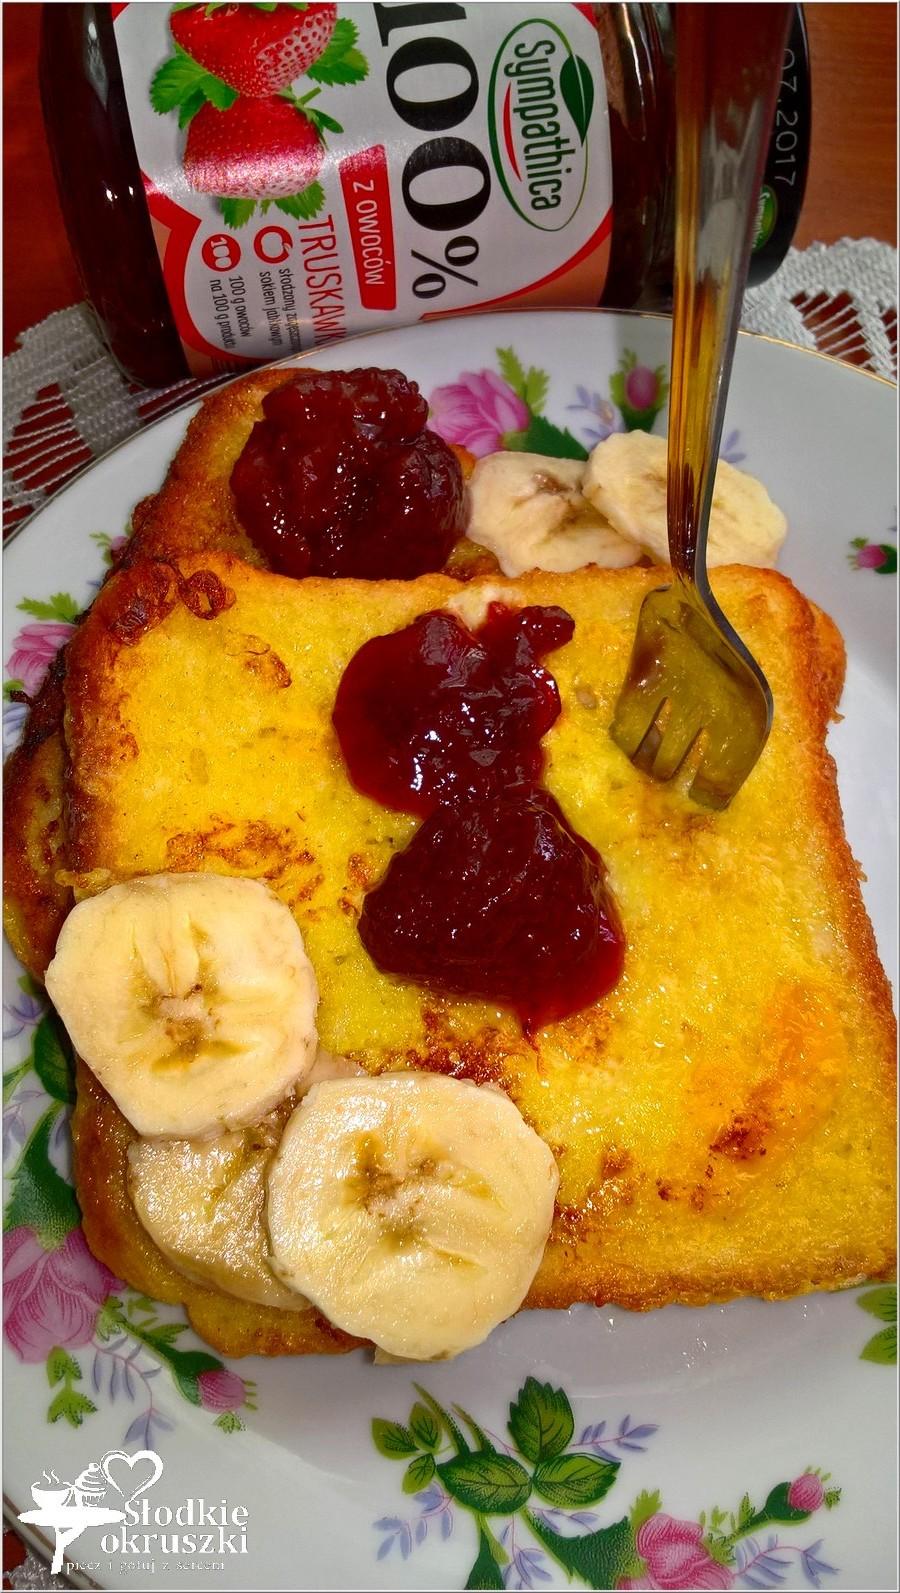 Szybkie, słodkie śniadanie. Francuskie tosty z dżemem i bananem (2)